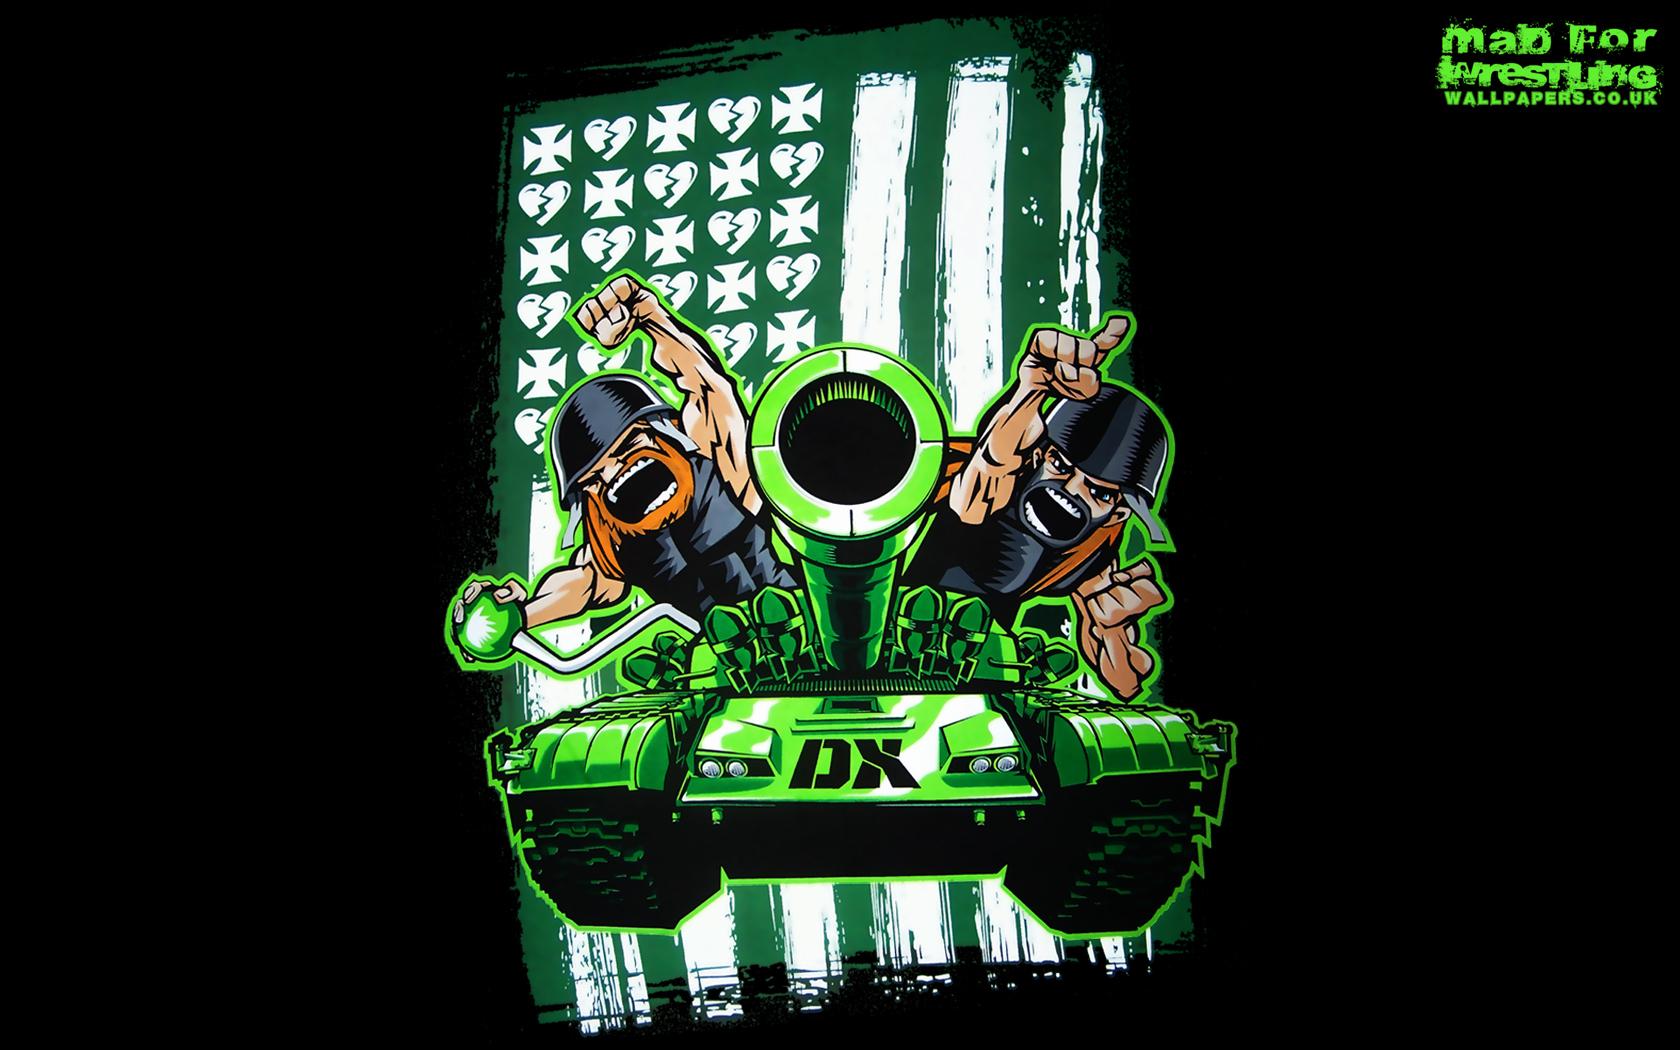 dx army dgeneration x wallpaper 14626096 fanpop